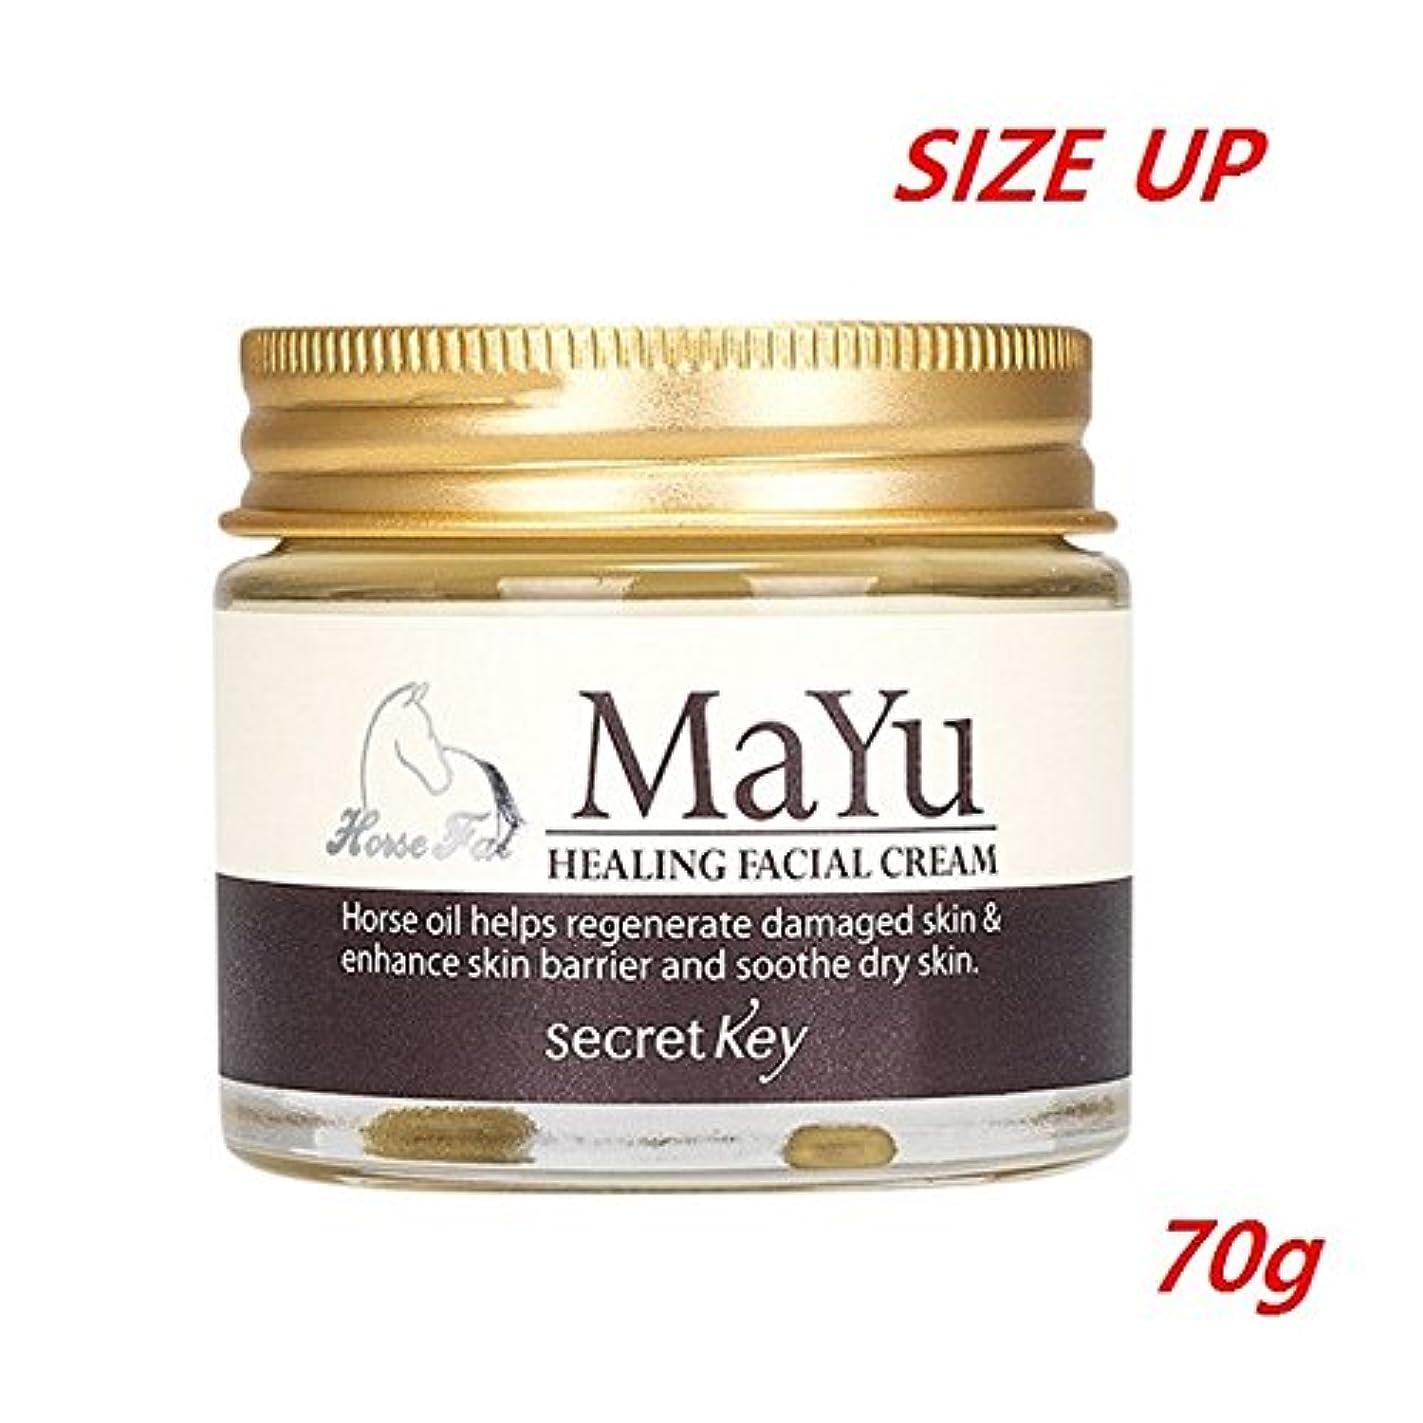 きしむ汚染された特にシークレットキー 馬油 ヒーリング フェイシャル クリーム/Secret Key Mayu Healing Facial Cream 70g Size Up(50g to 70g Up Grade) [並行輸入品]